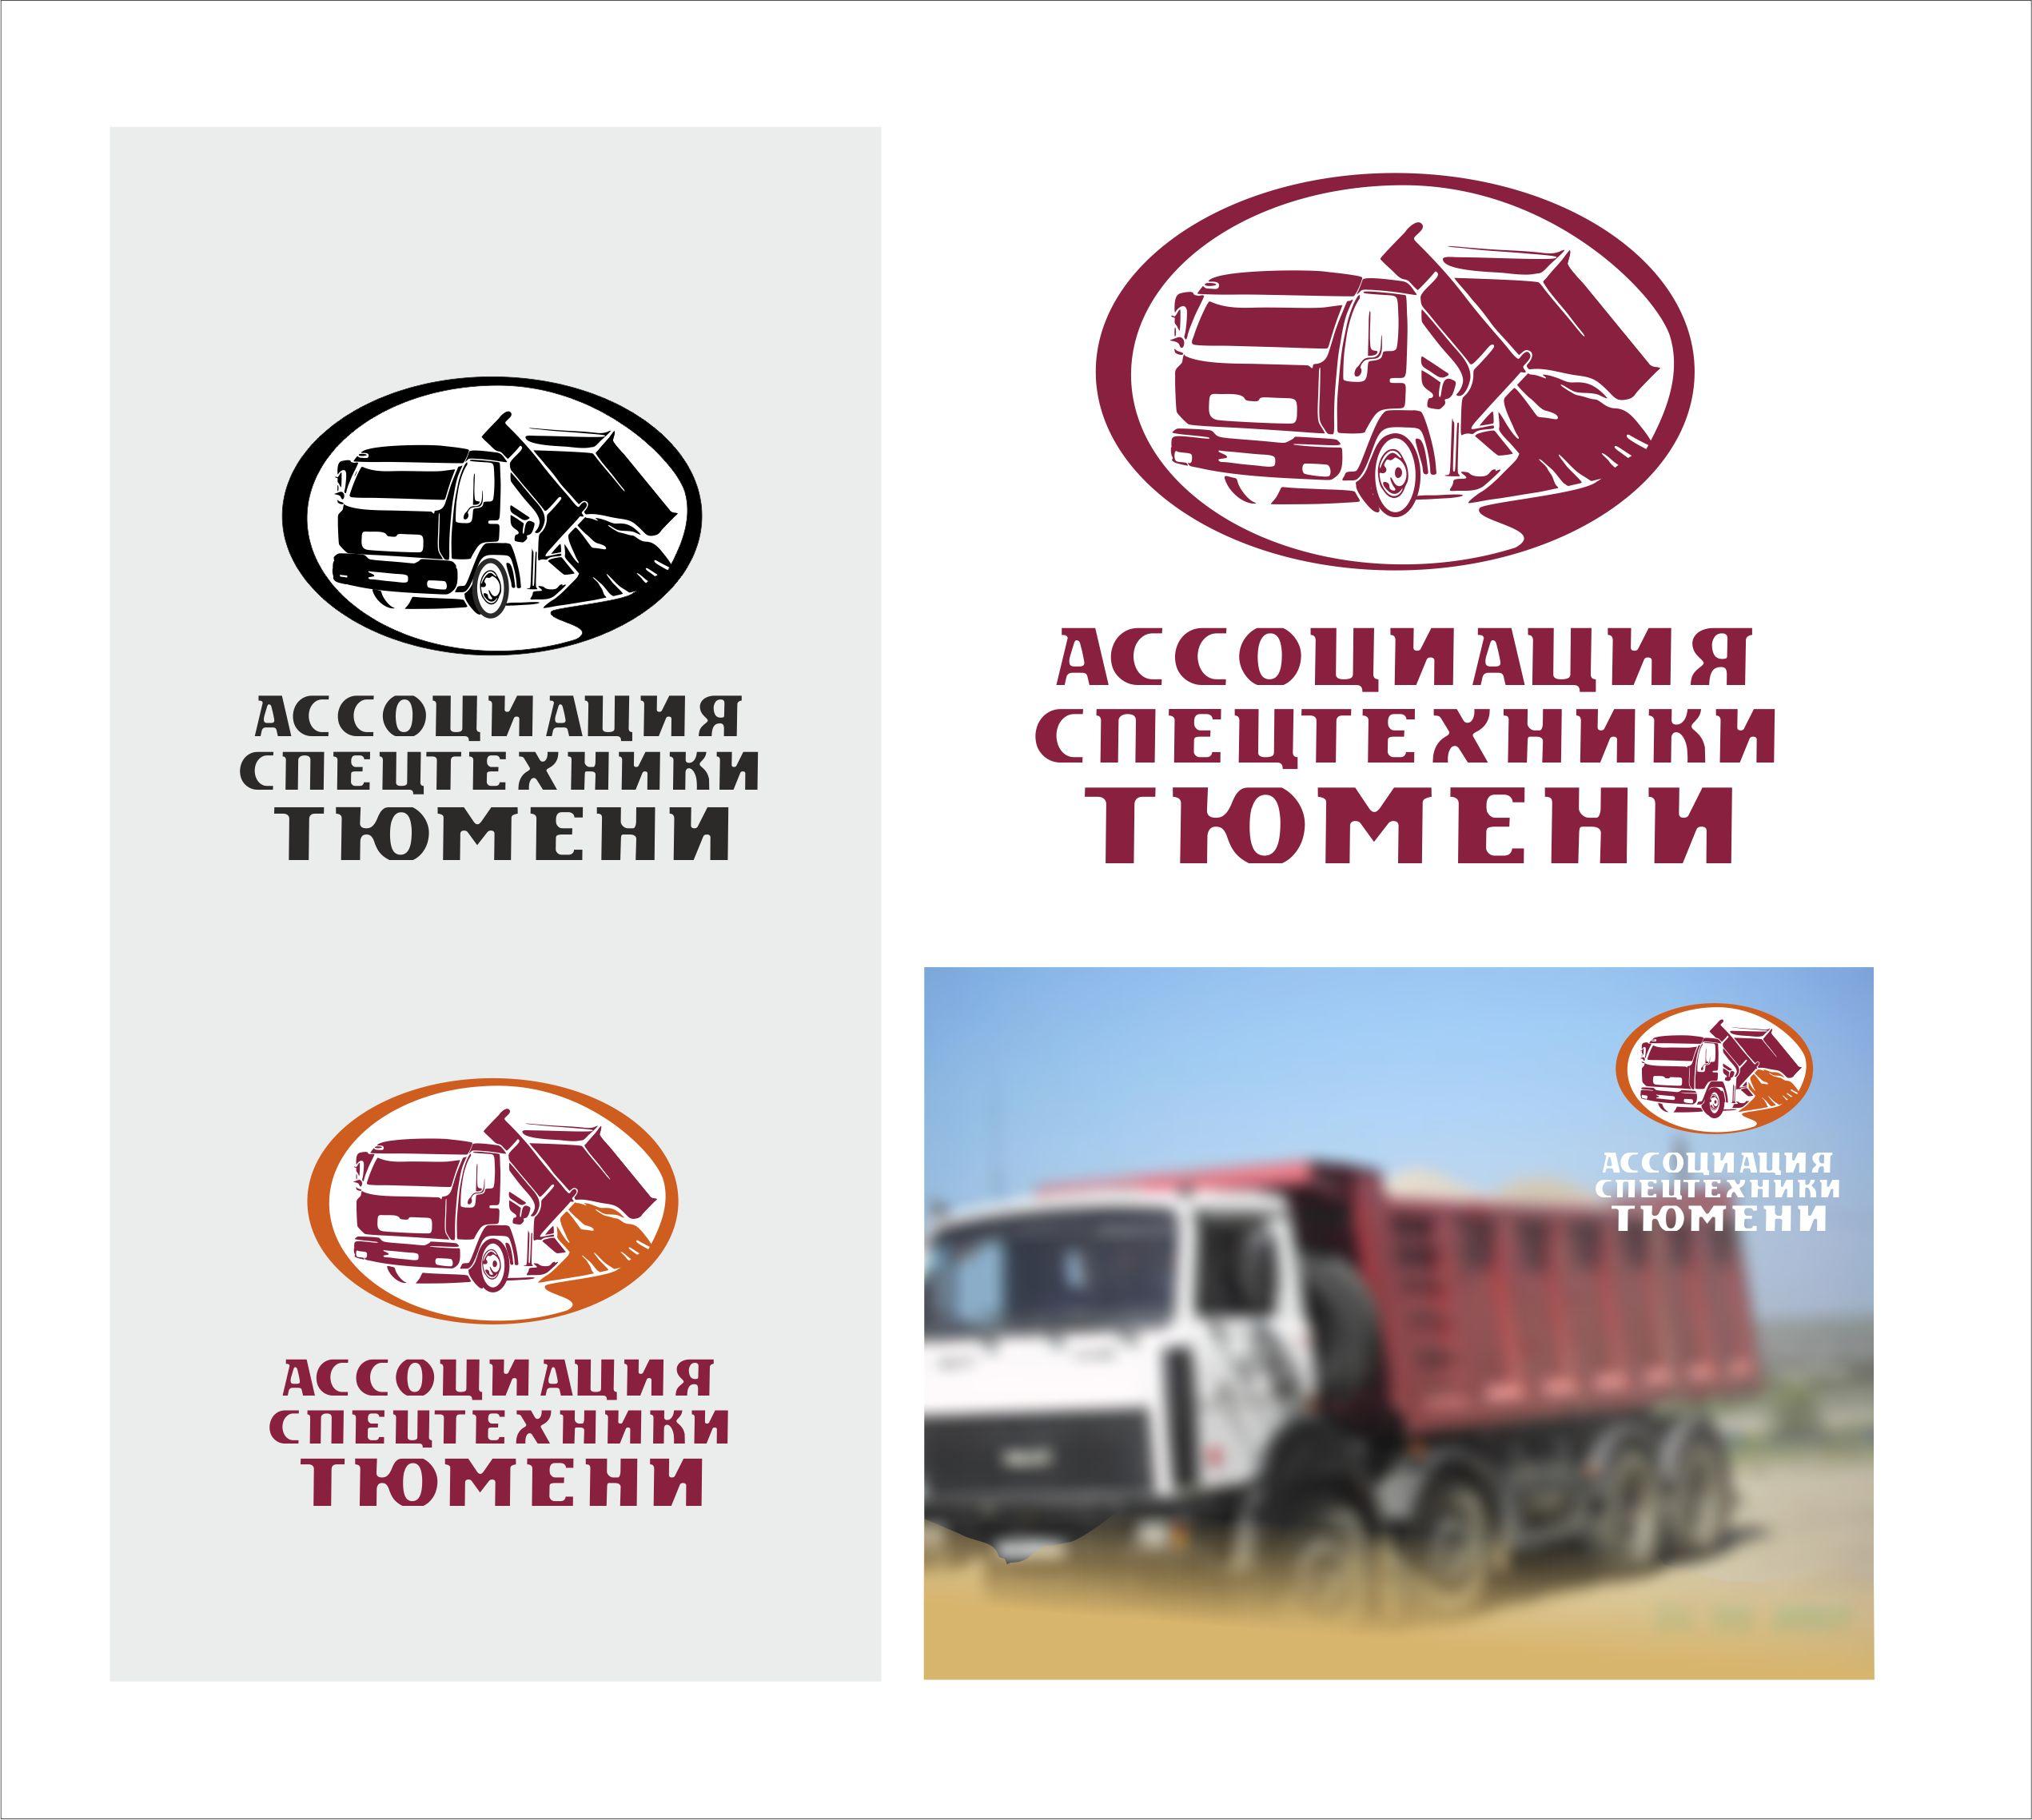 Логотип для Ассоциации спецтехники фото f_216514550751df0c.jpg